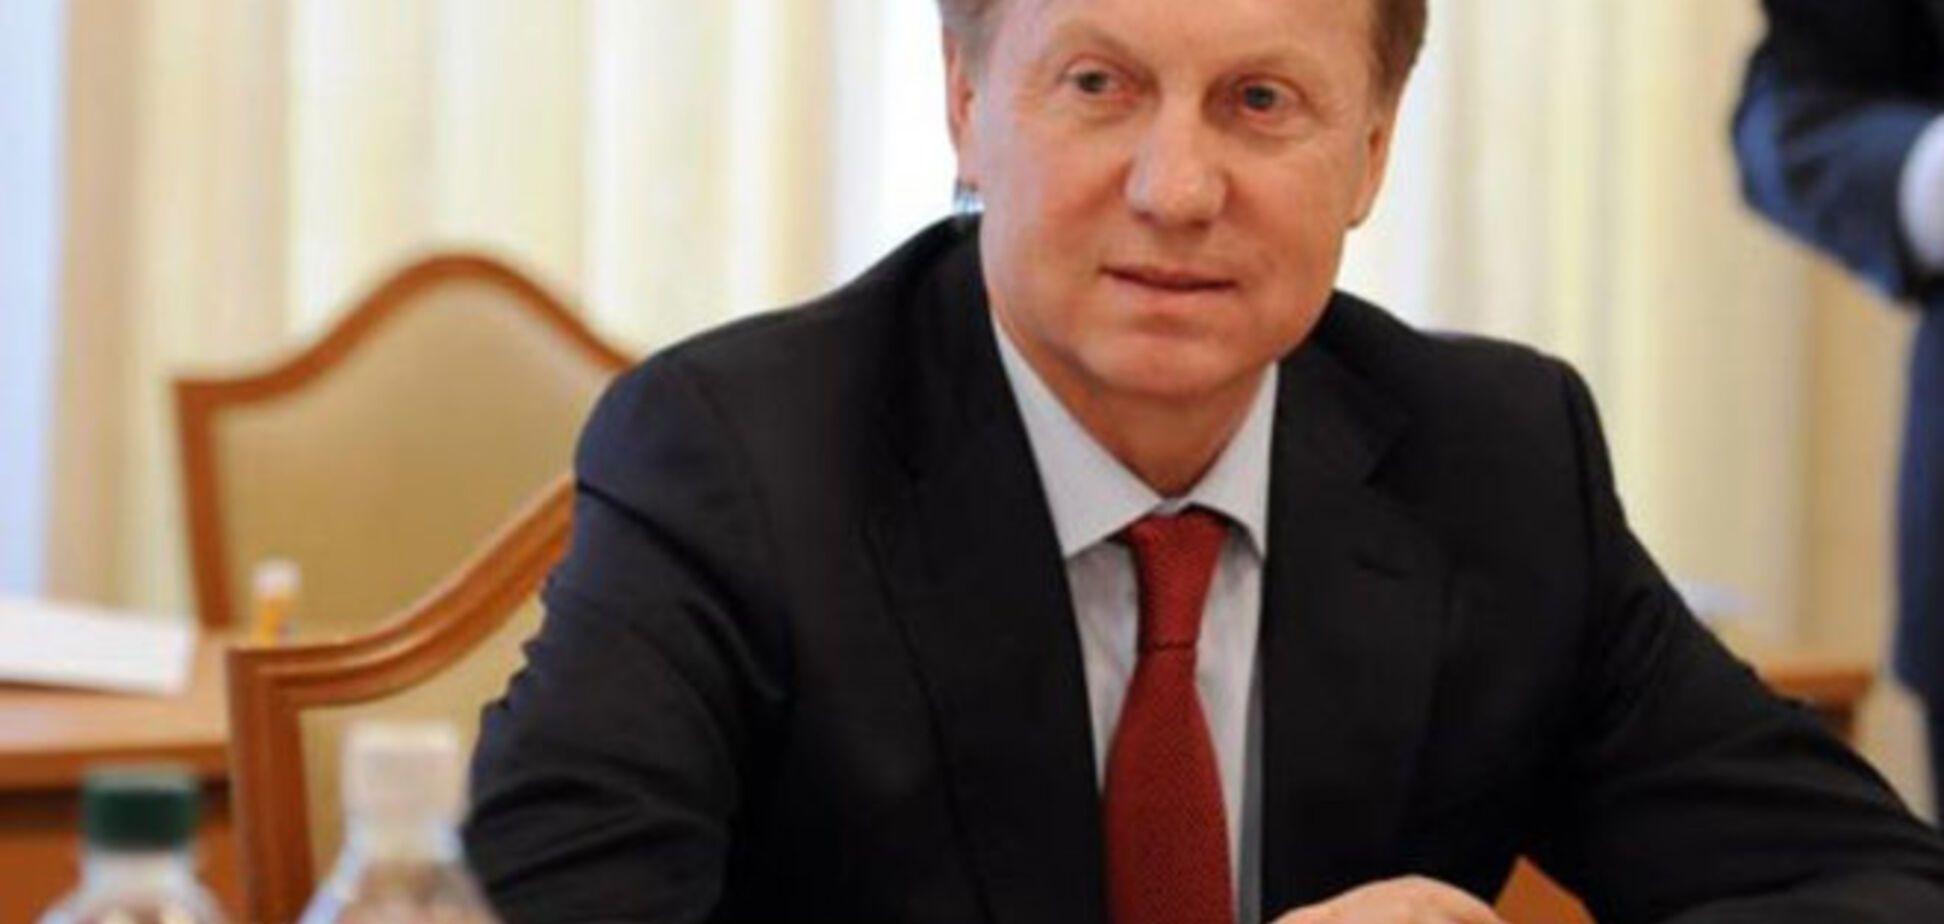 Журавский о новом нападении на него: это провокация конкурентов по округу